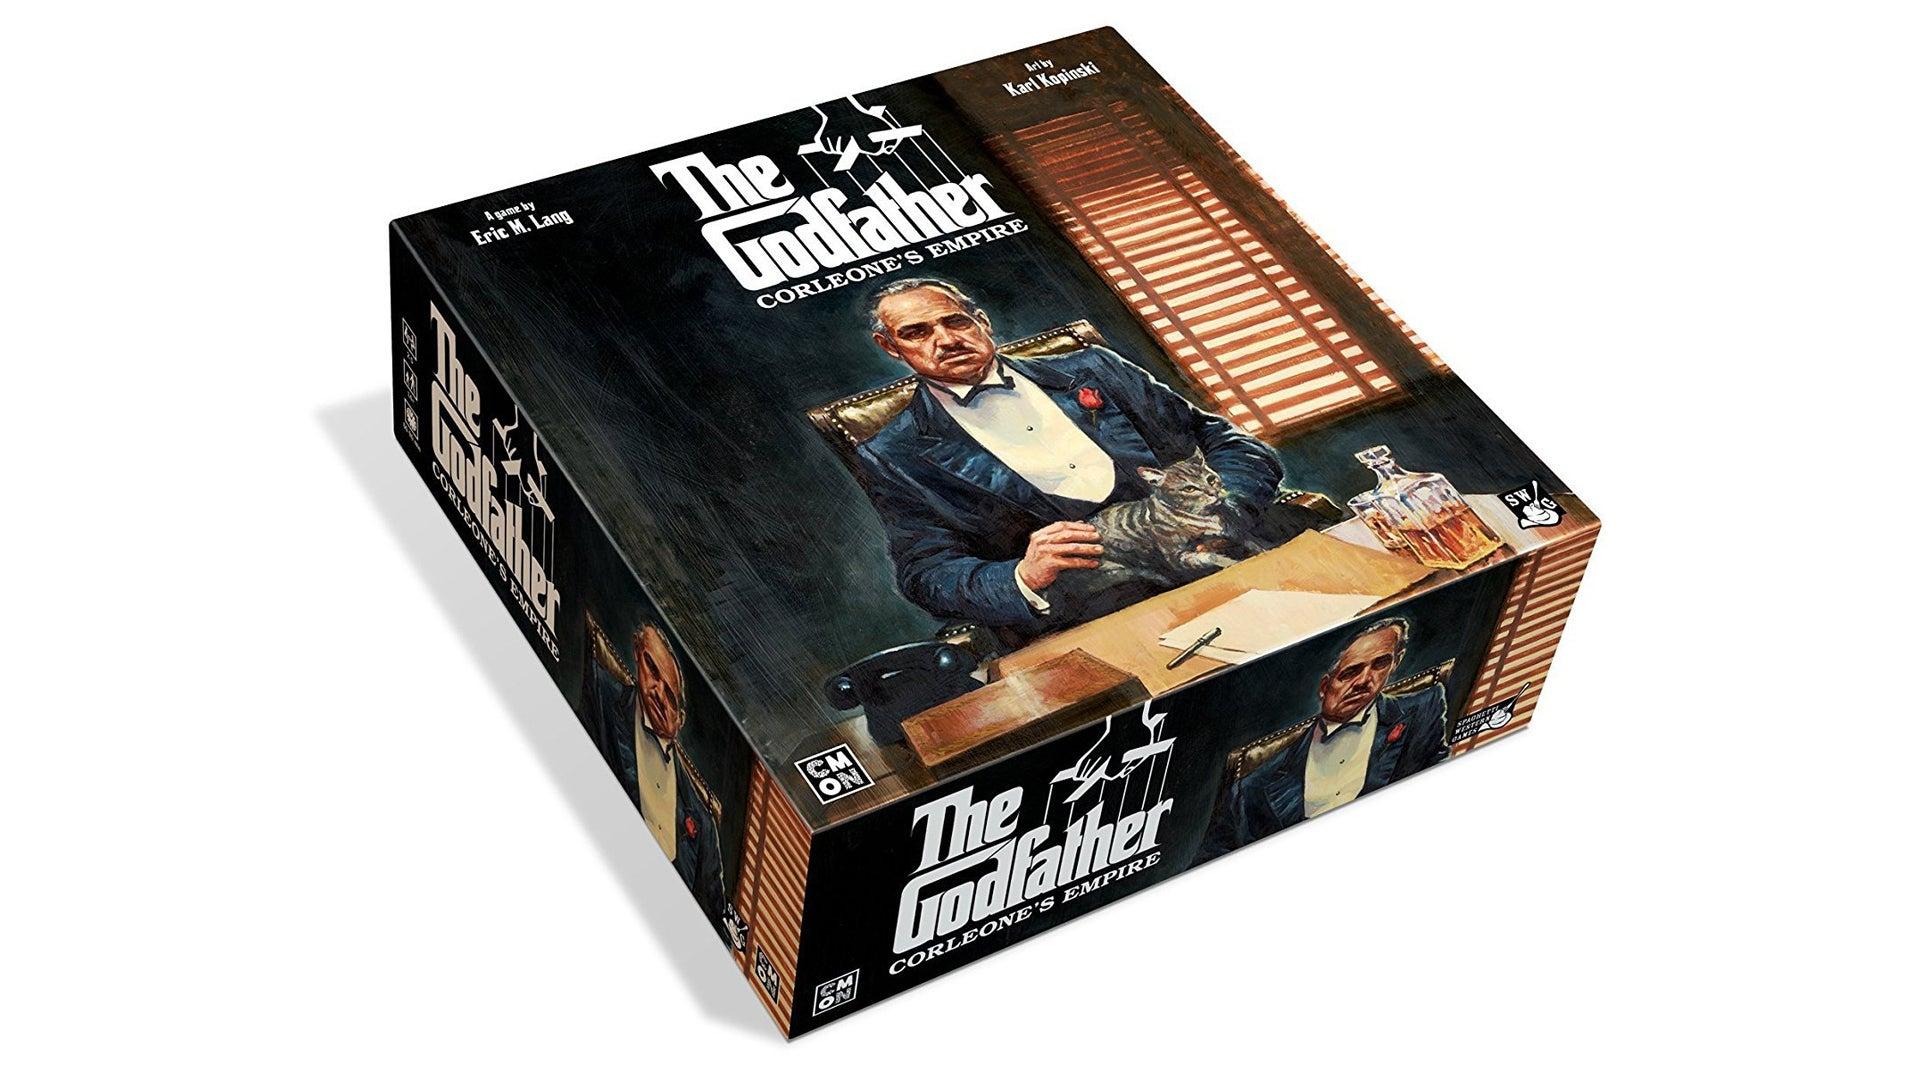 The Godfather: Corleone's Empire movie board game box